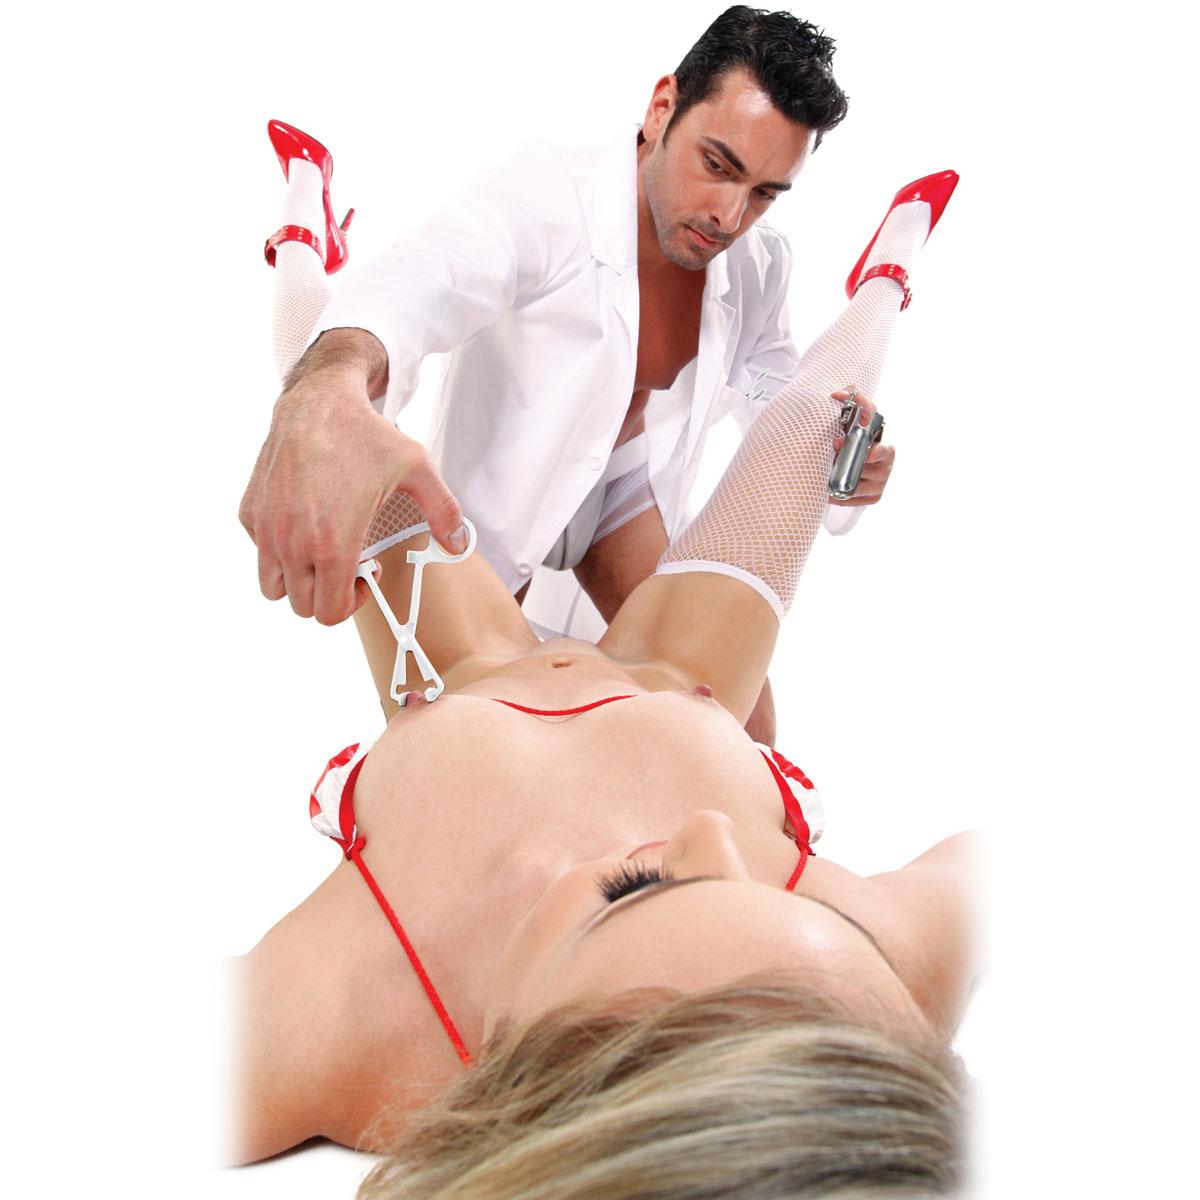 Секс игры в гинеколога 2 фотография